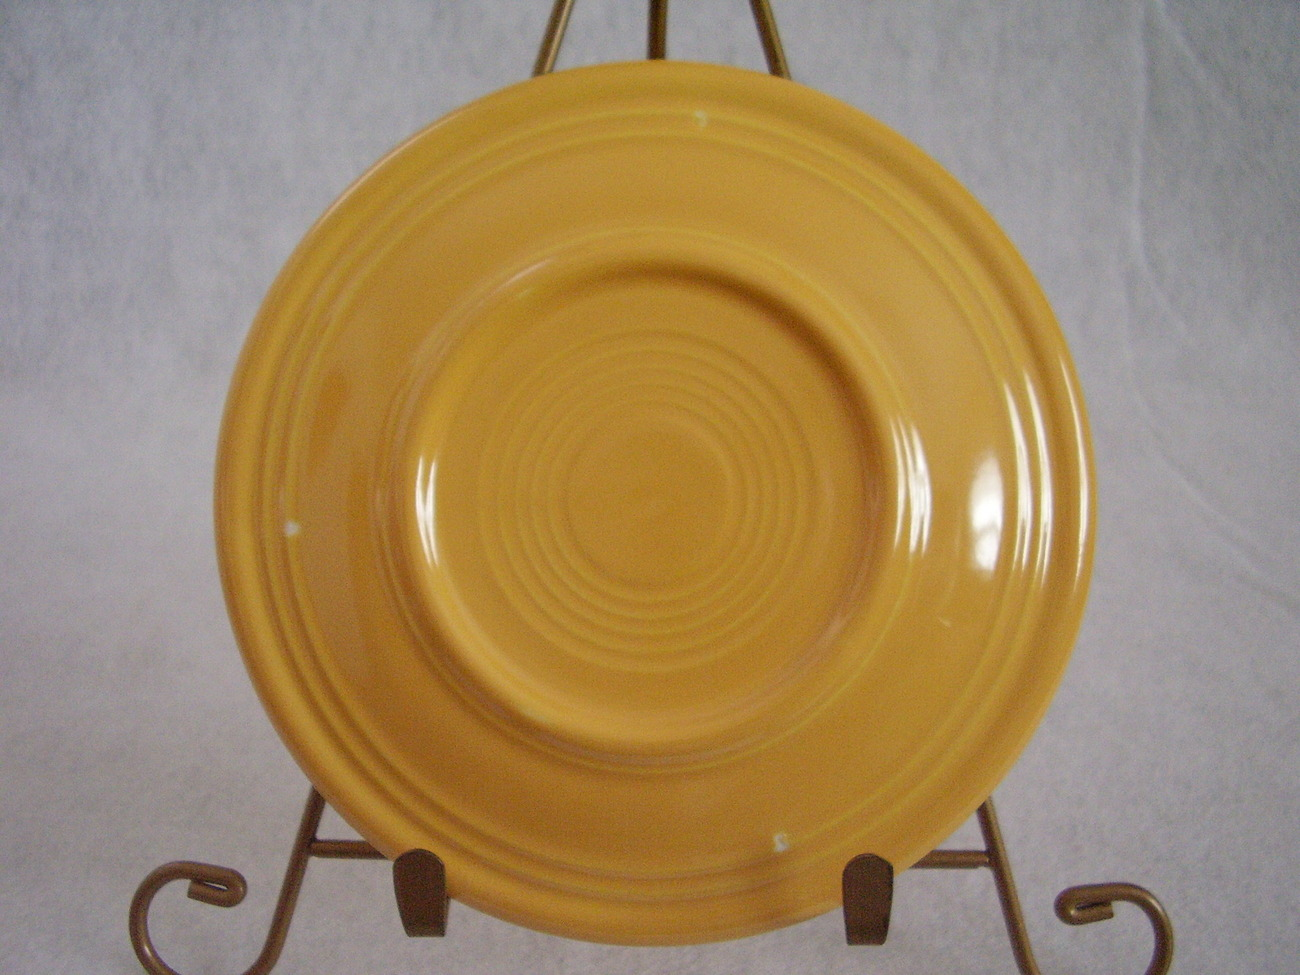 Vintage Fiestaware Yellow Bread Butter Plate Fiesta  B